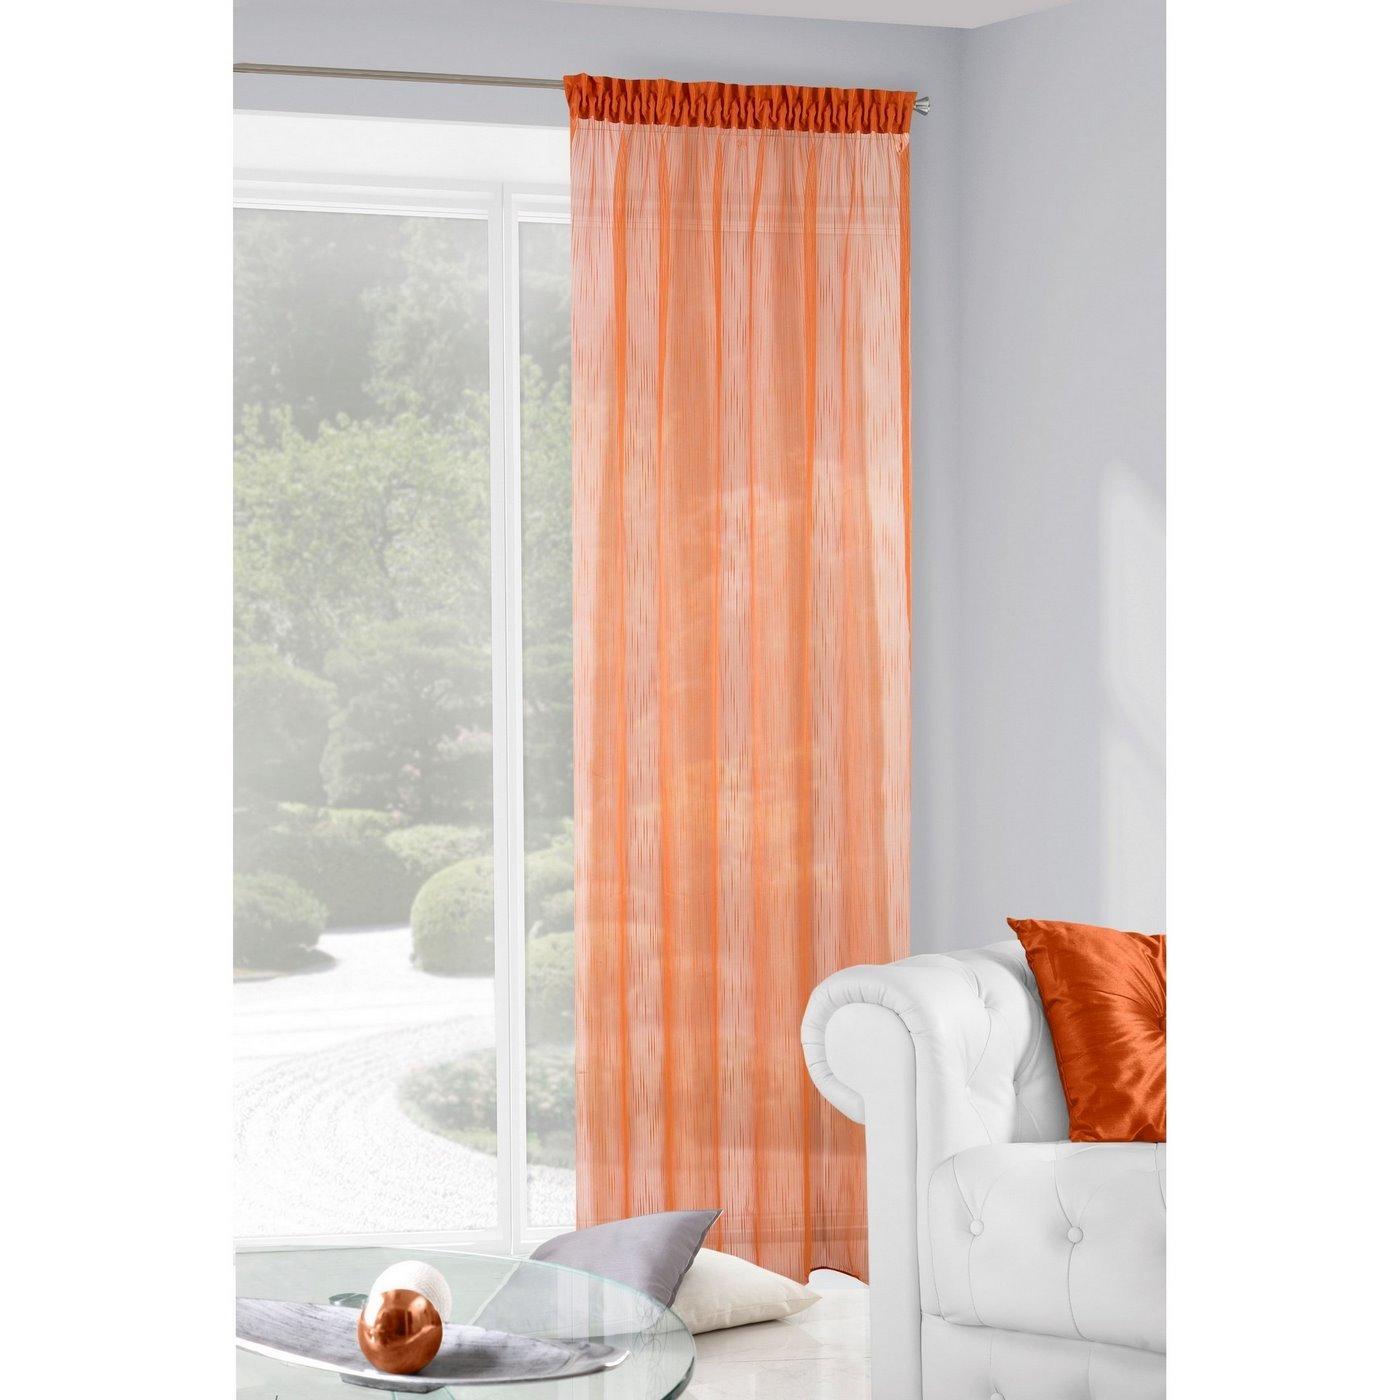 Subtelna zasłona do salonu gładka pomarańczowa na taśmie 140x250cm